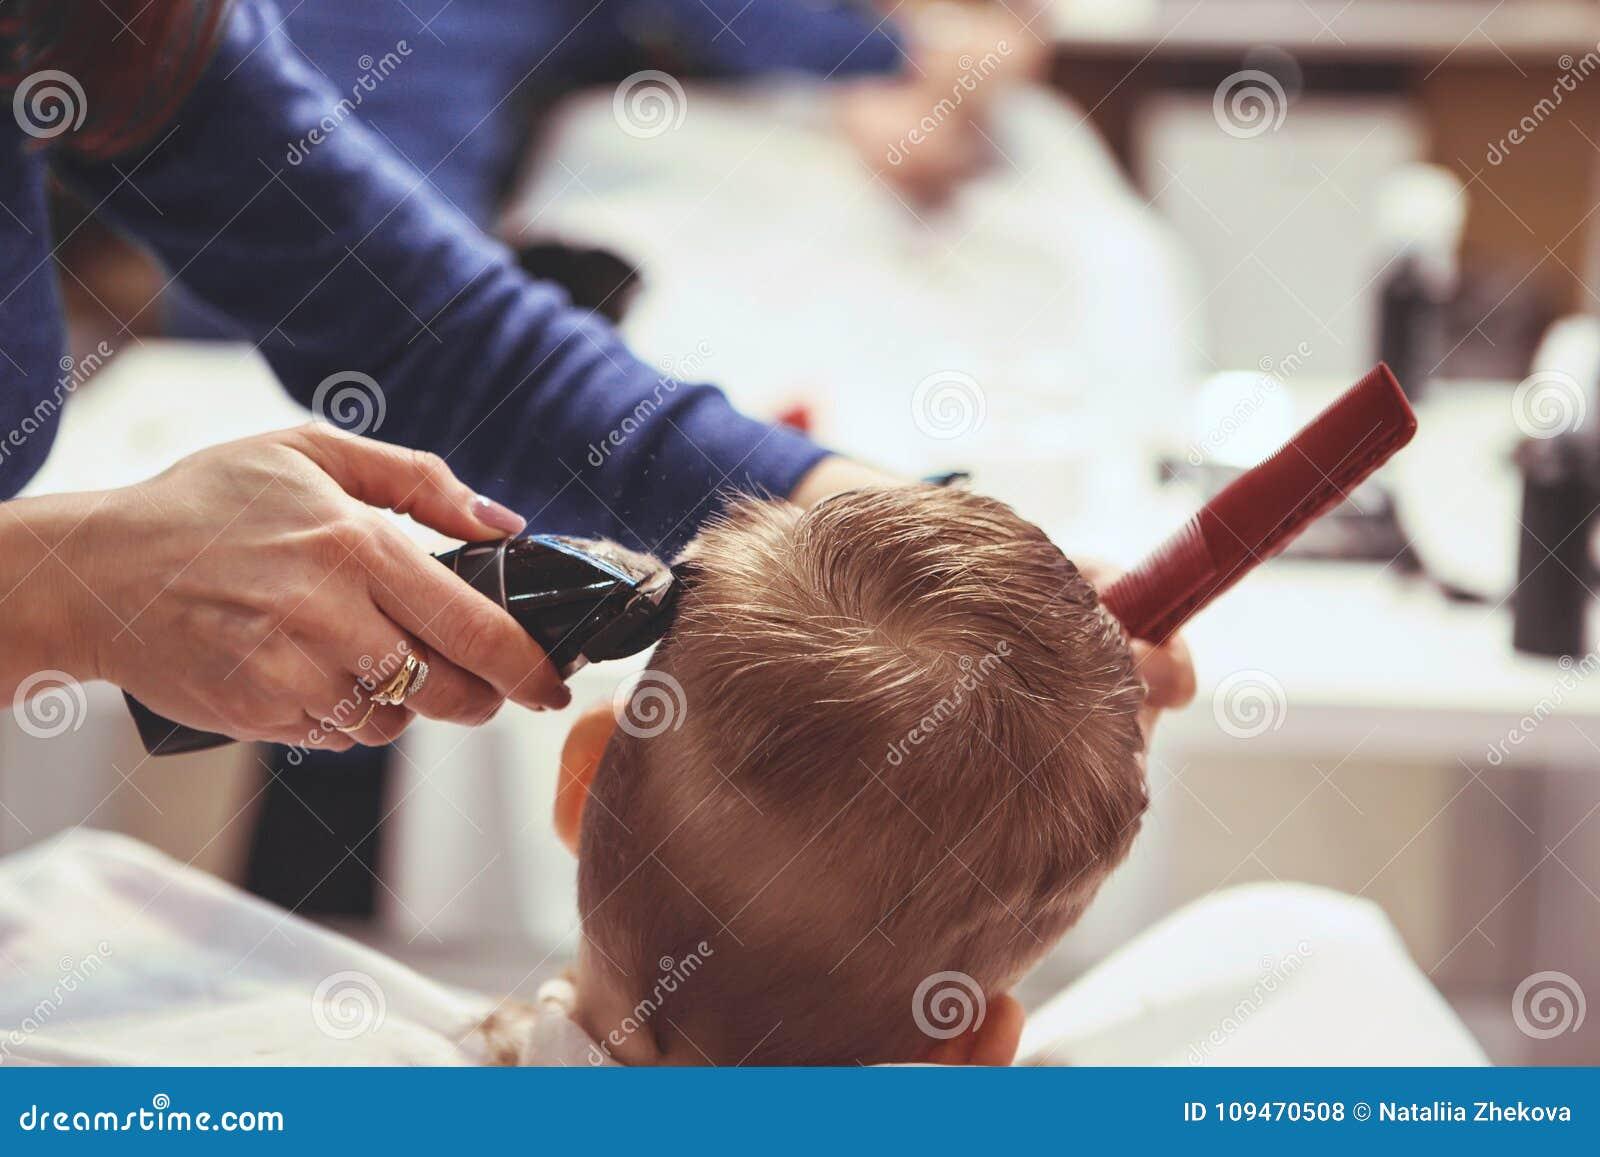 Chłopiec przy fryzjerem Dziecko okalecza ostrzyżenia hairball